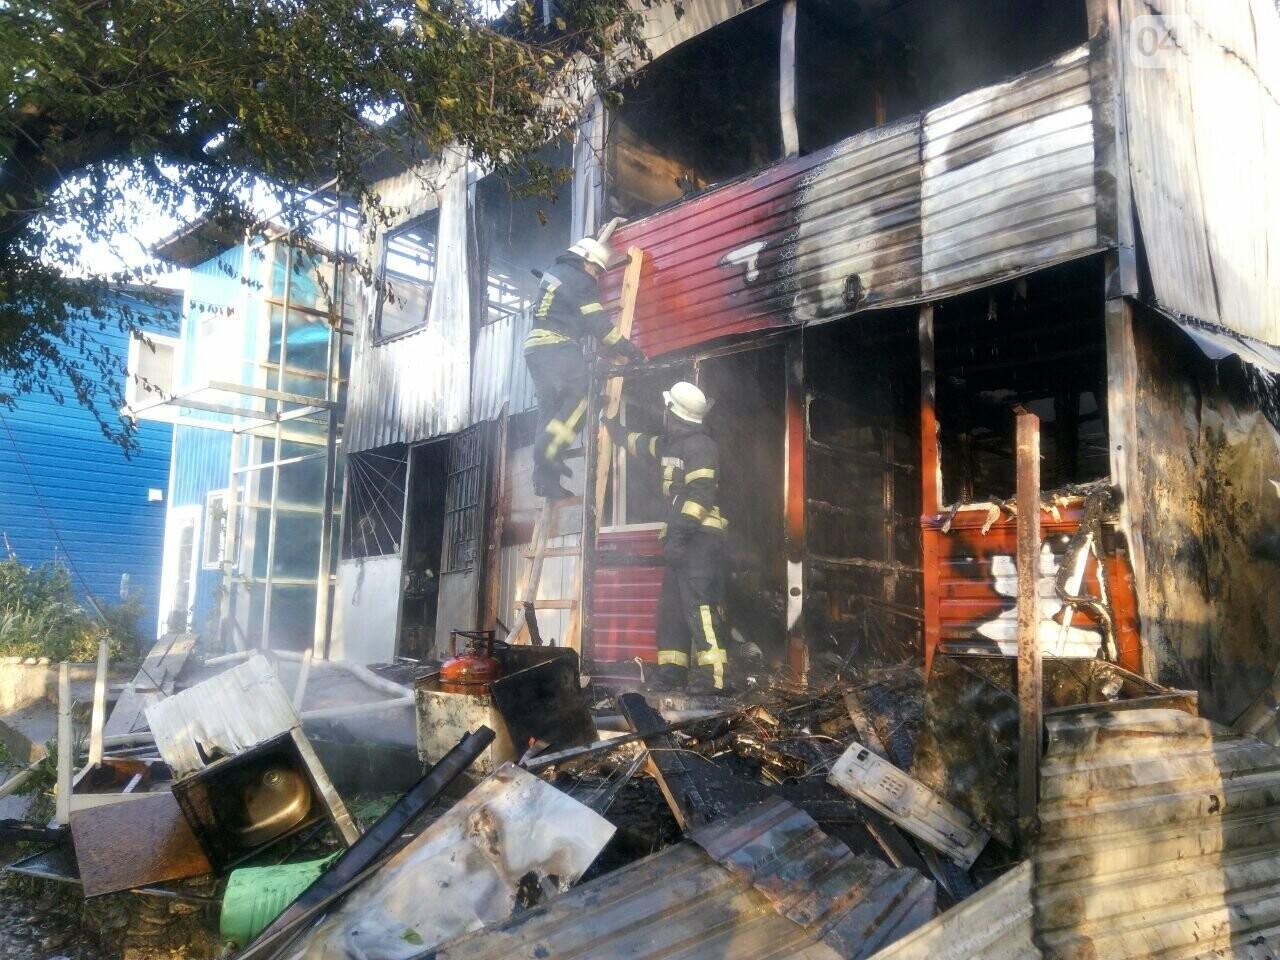 В Одессе случился масштабный пожар: горели рыбацкие домики, - ФОТО6